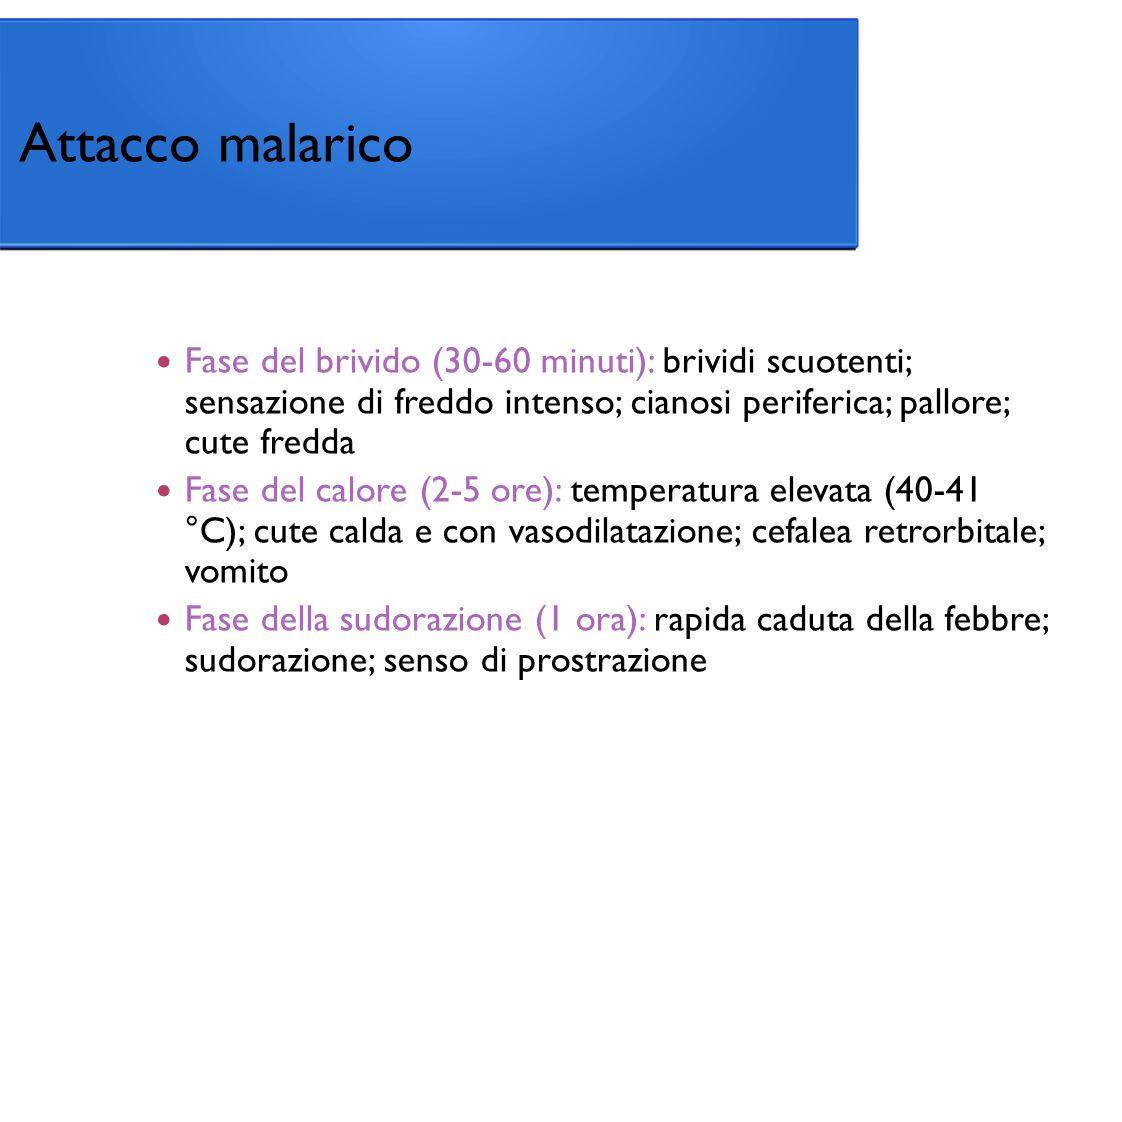 Fase del brivido (30-60 minuti): brividi scuotenti; sensazione di freddo intenso; cianosi periferica; pallore; cute fredda Fase del calore (2-5 ore): temperatura elevata (40-41 °C); cute calda e con vasodilatazione; cefalea retrorbitale; vomito Fase della sudorazione (1 ora): rapida caduta della febbre; sudorazione; senso di prostrazione Attacco malarico